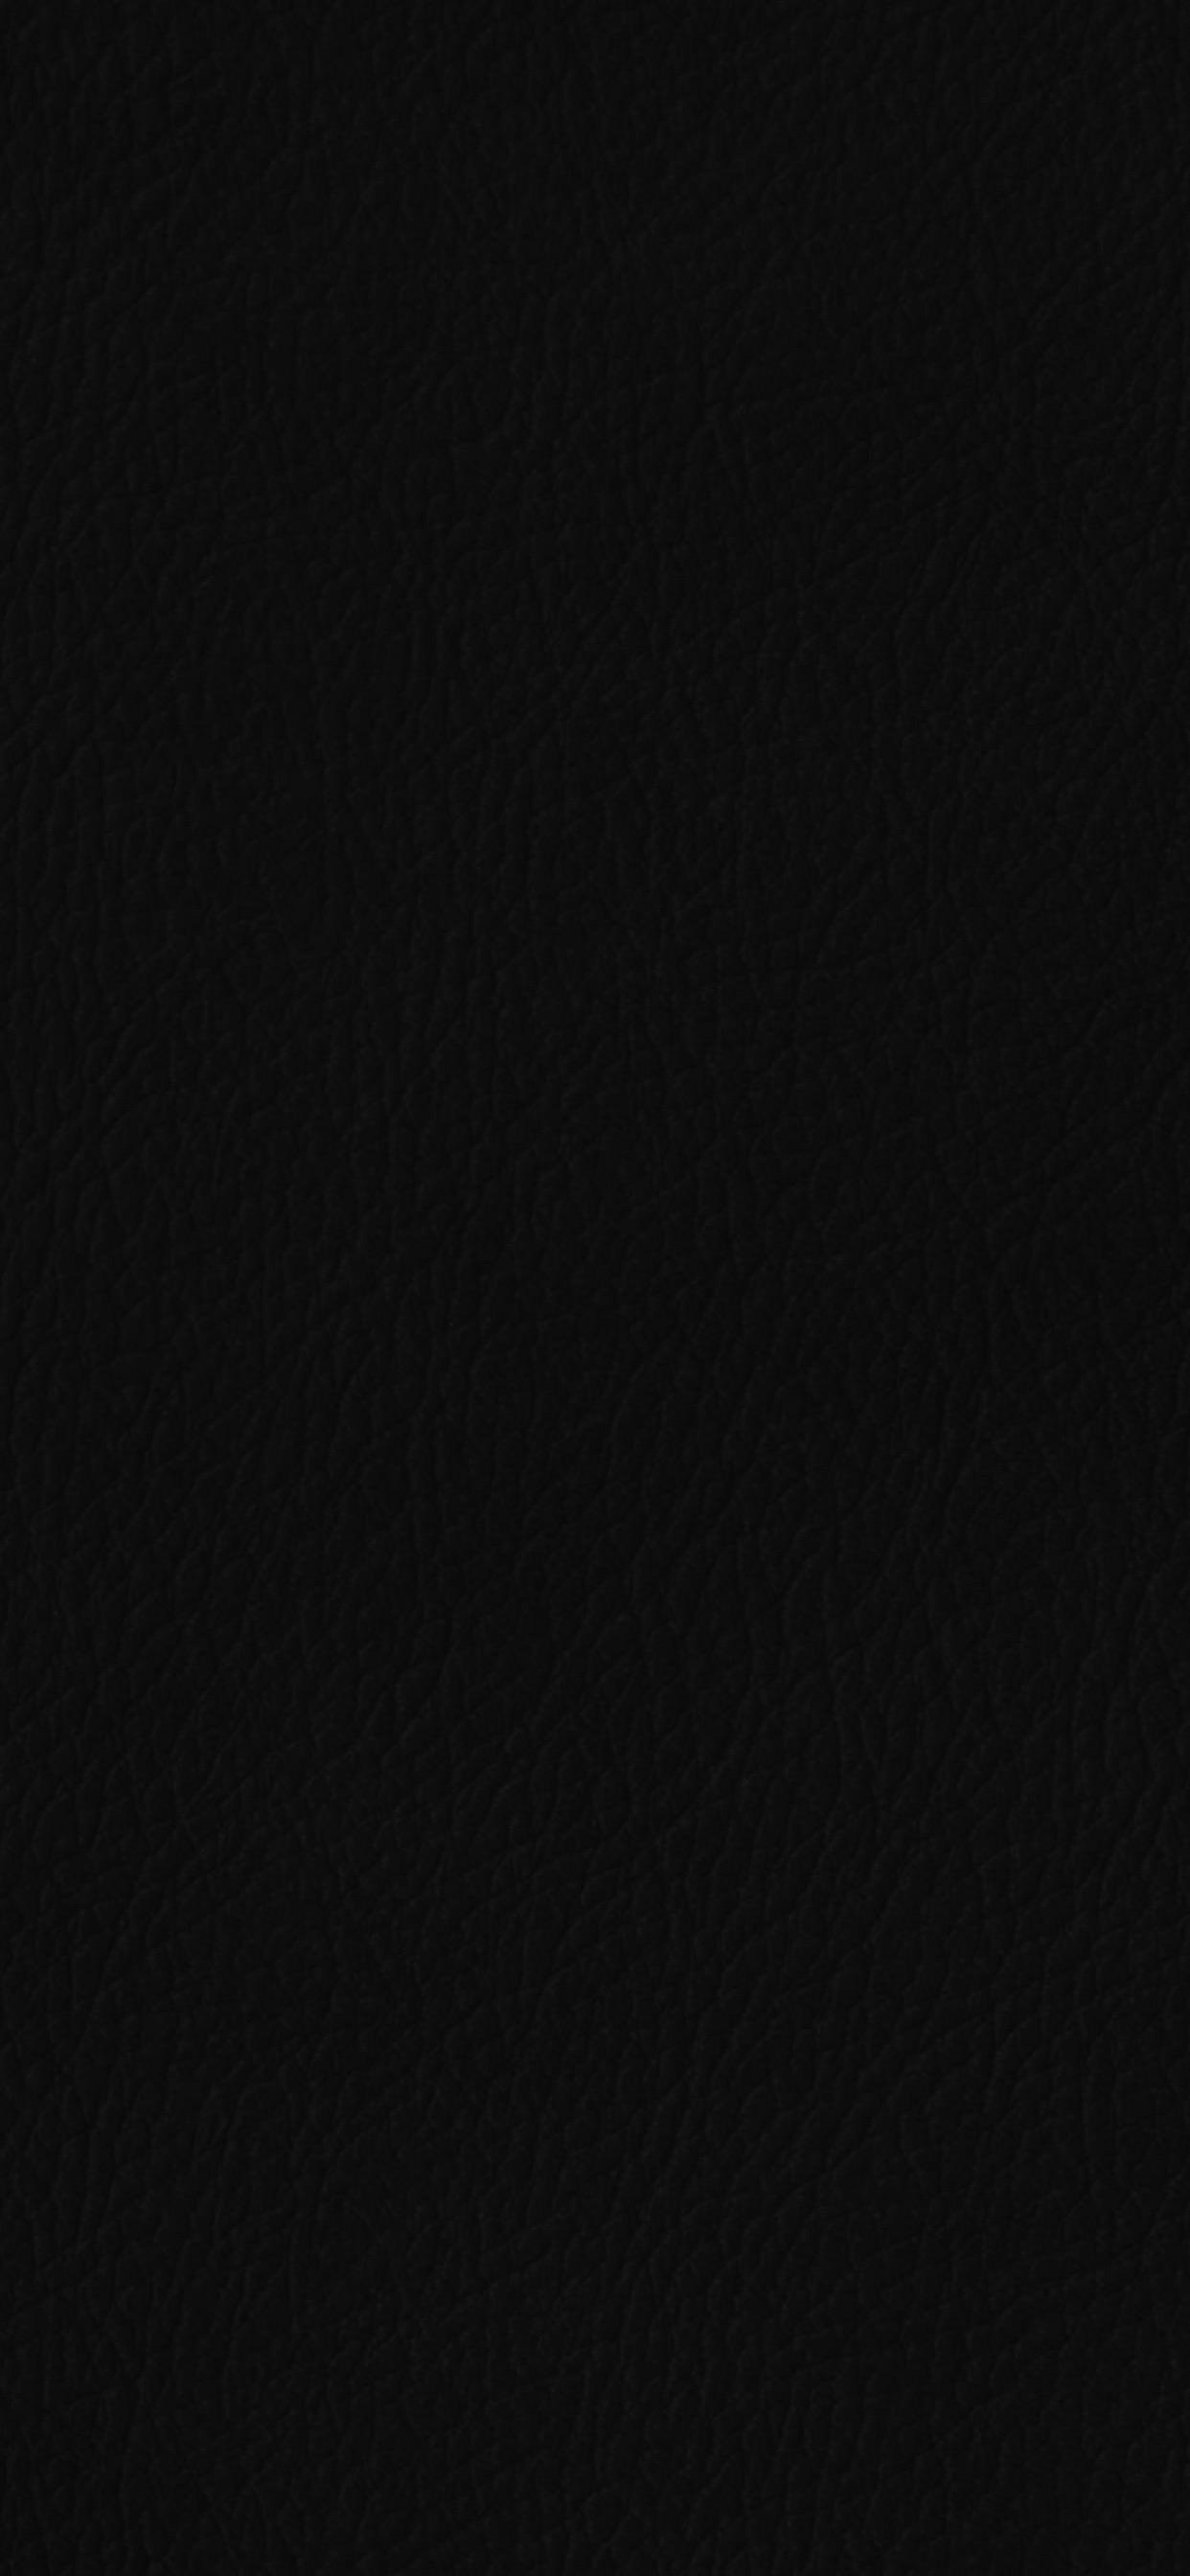 黒 Wallpaper Sc Iphone Xs Max壁紙